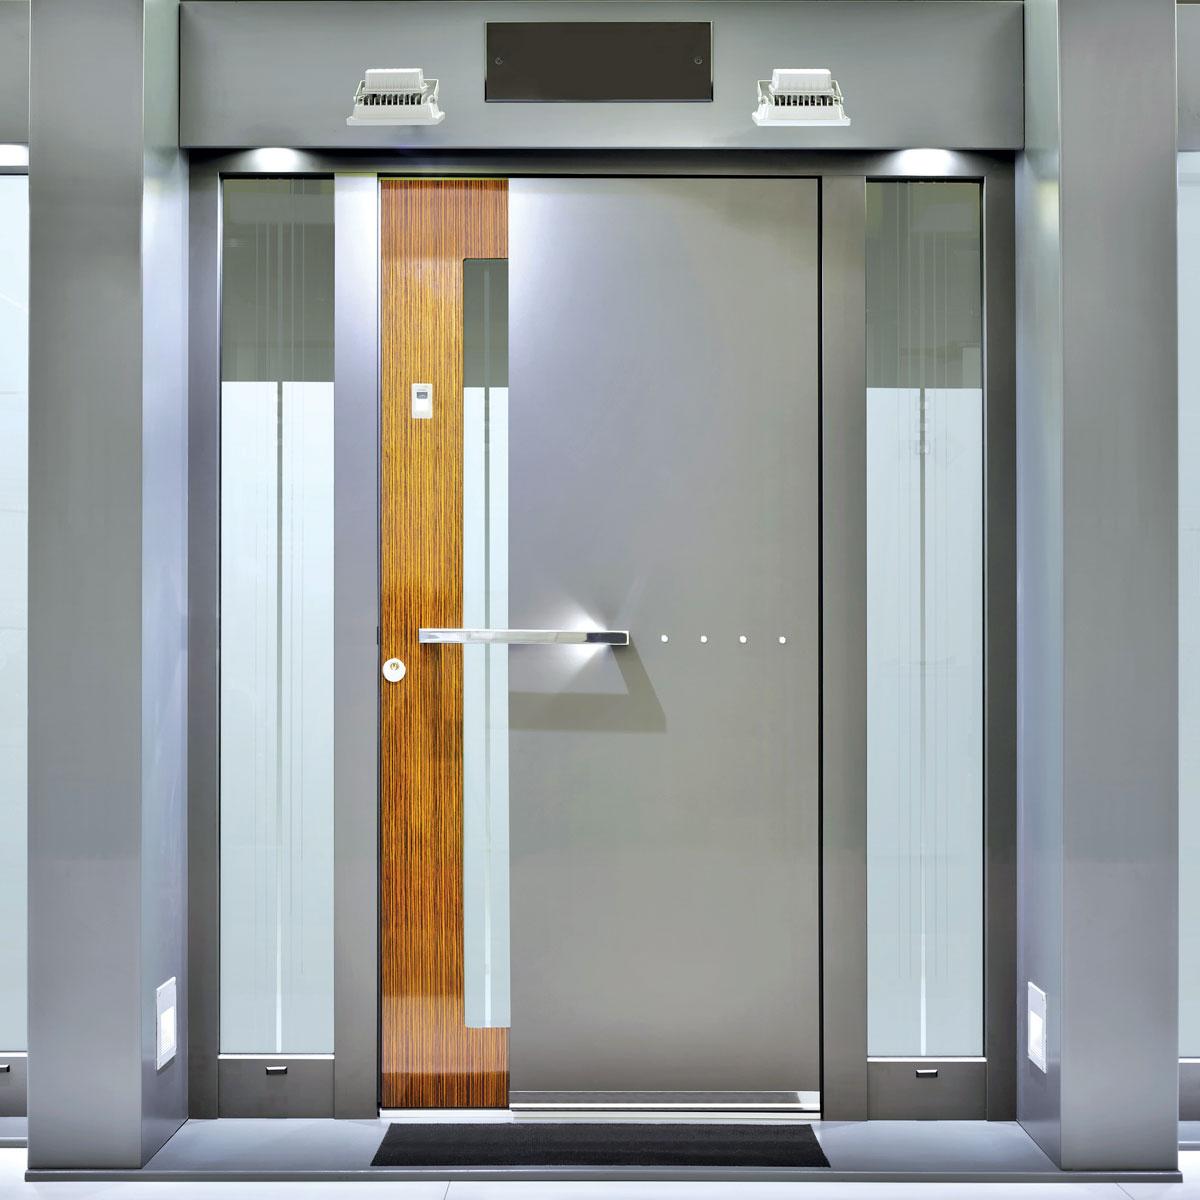 Ulazna vrata predstavljaju prvi kontakt sa kućom